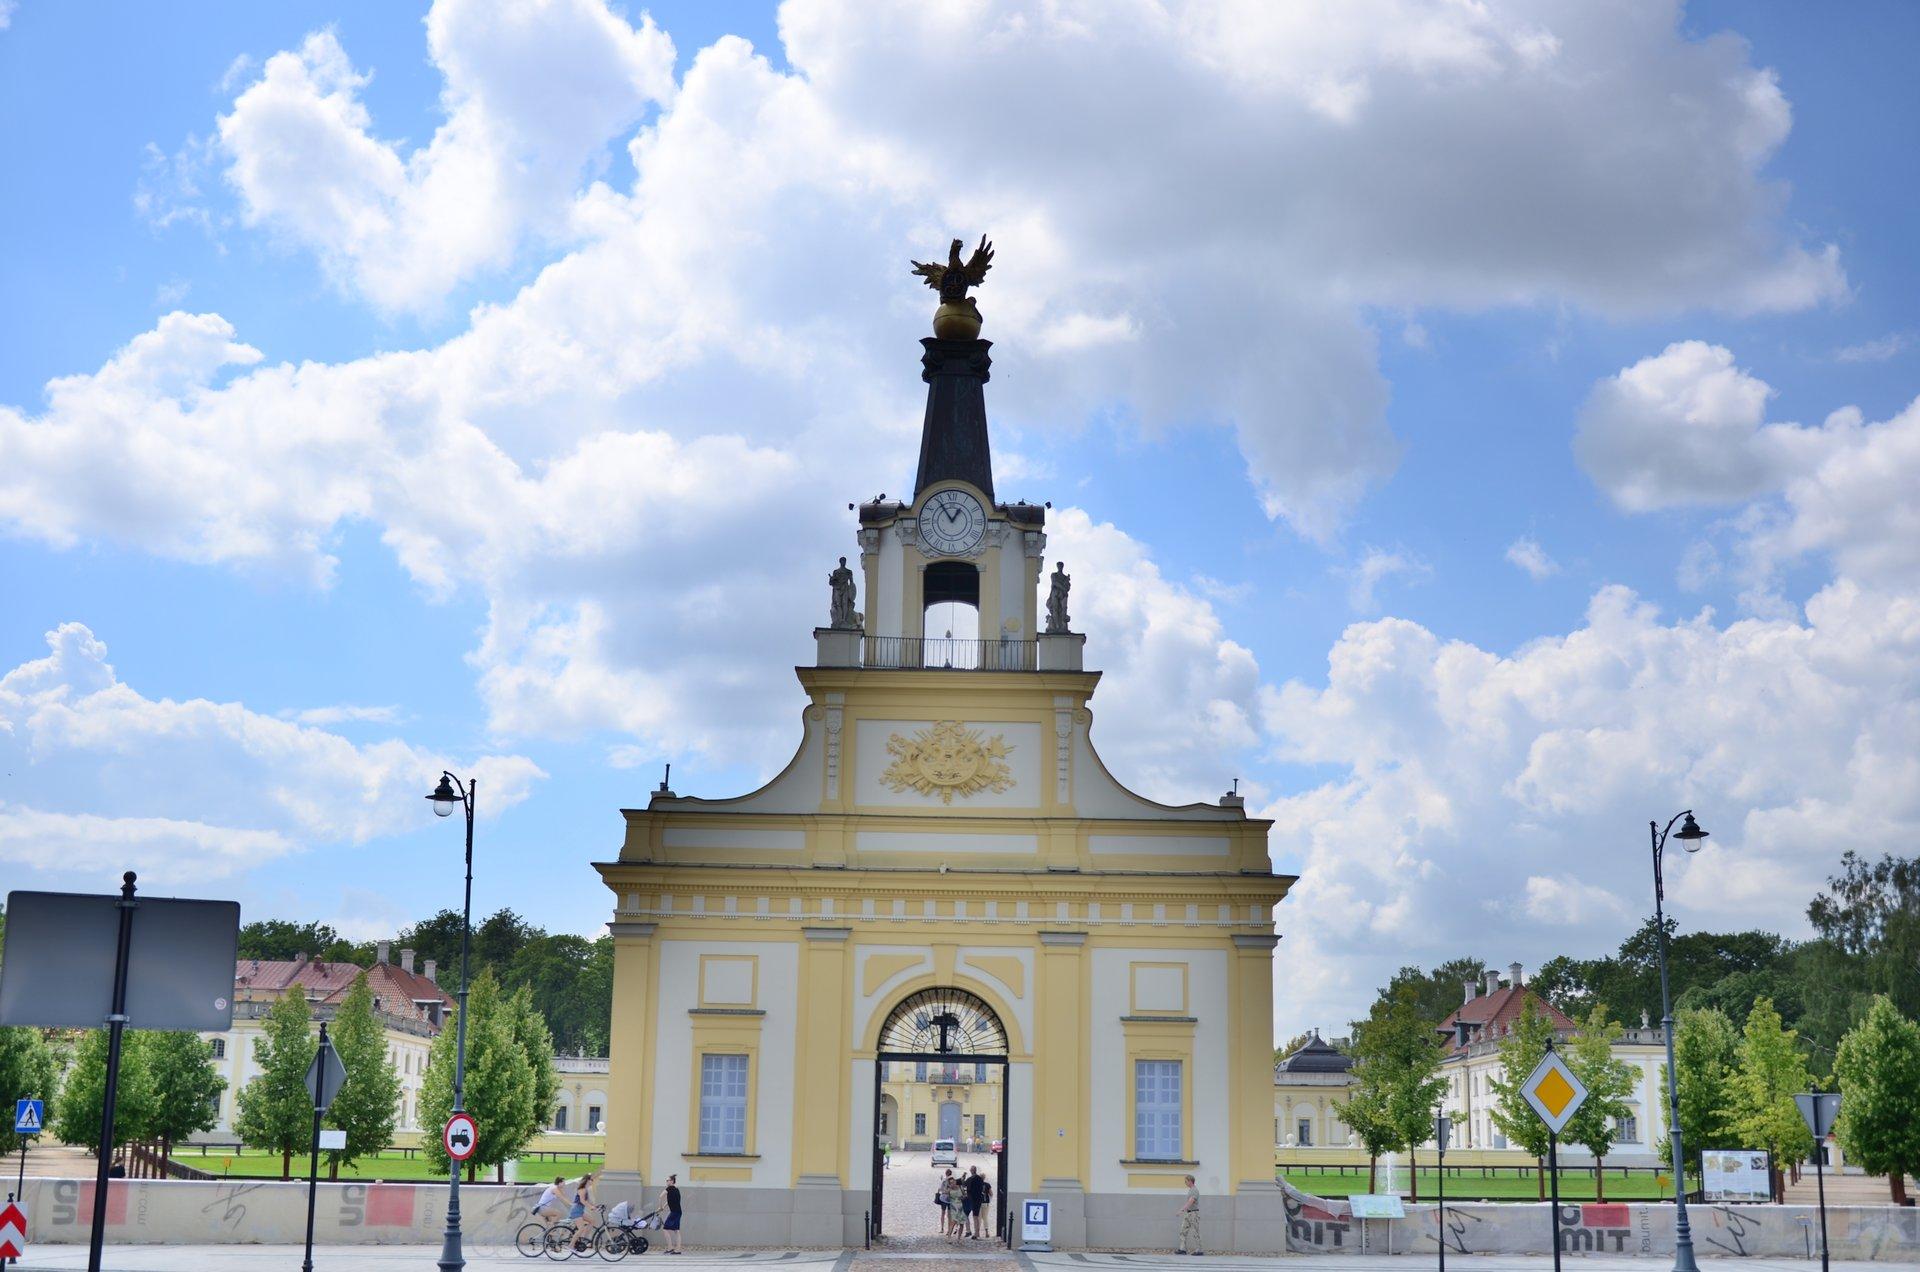 Białystok Pałac Branickich brama zegar gryffree photo darmowe zdjęcie